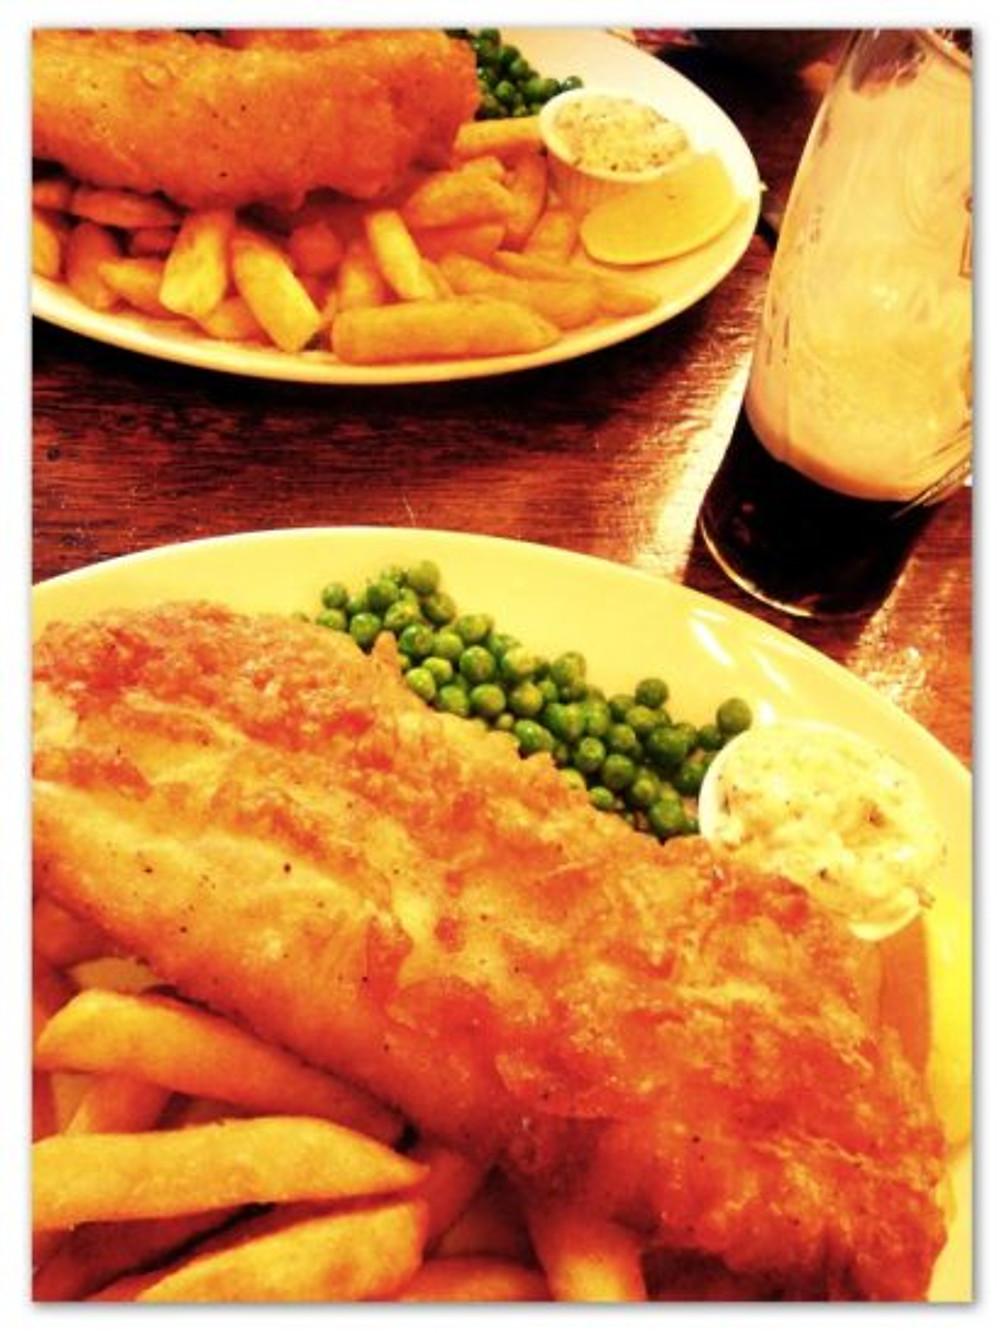 Em Londres, tem batata frita. Com peixe, que o Theo também ama. Aliás, esse é o prato mais tradicional de lá (fish & chips)